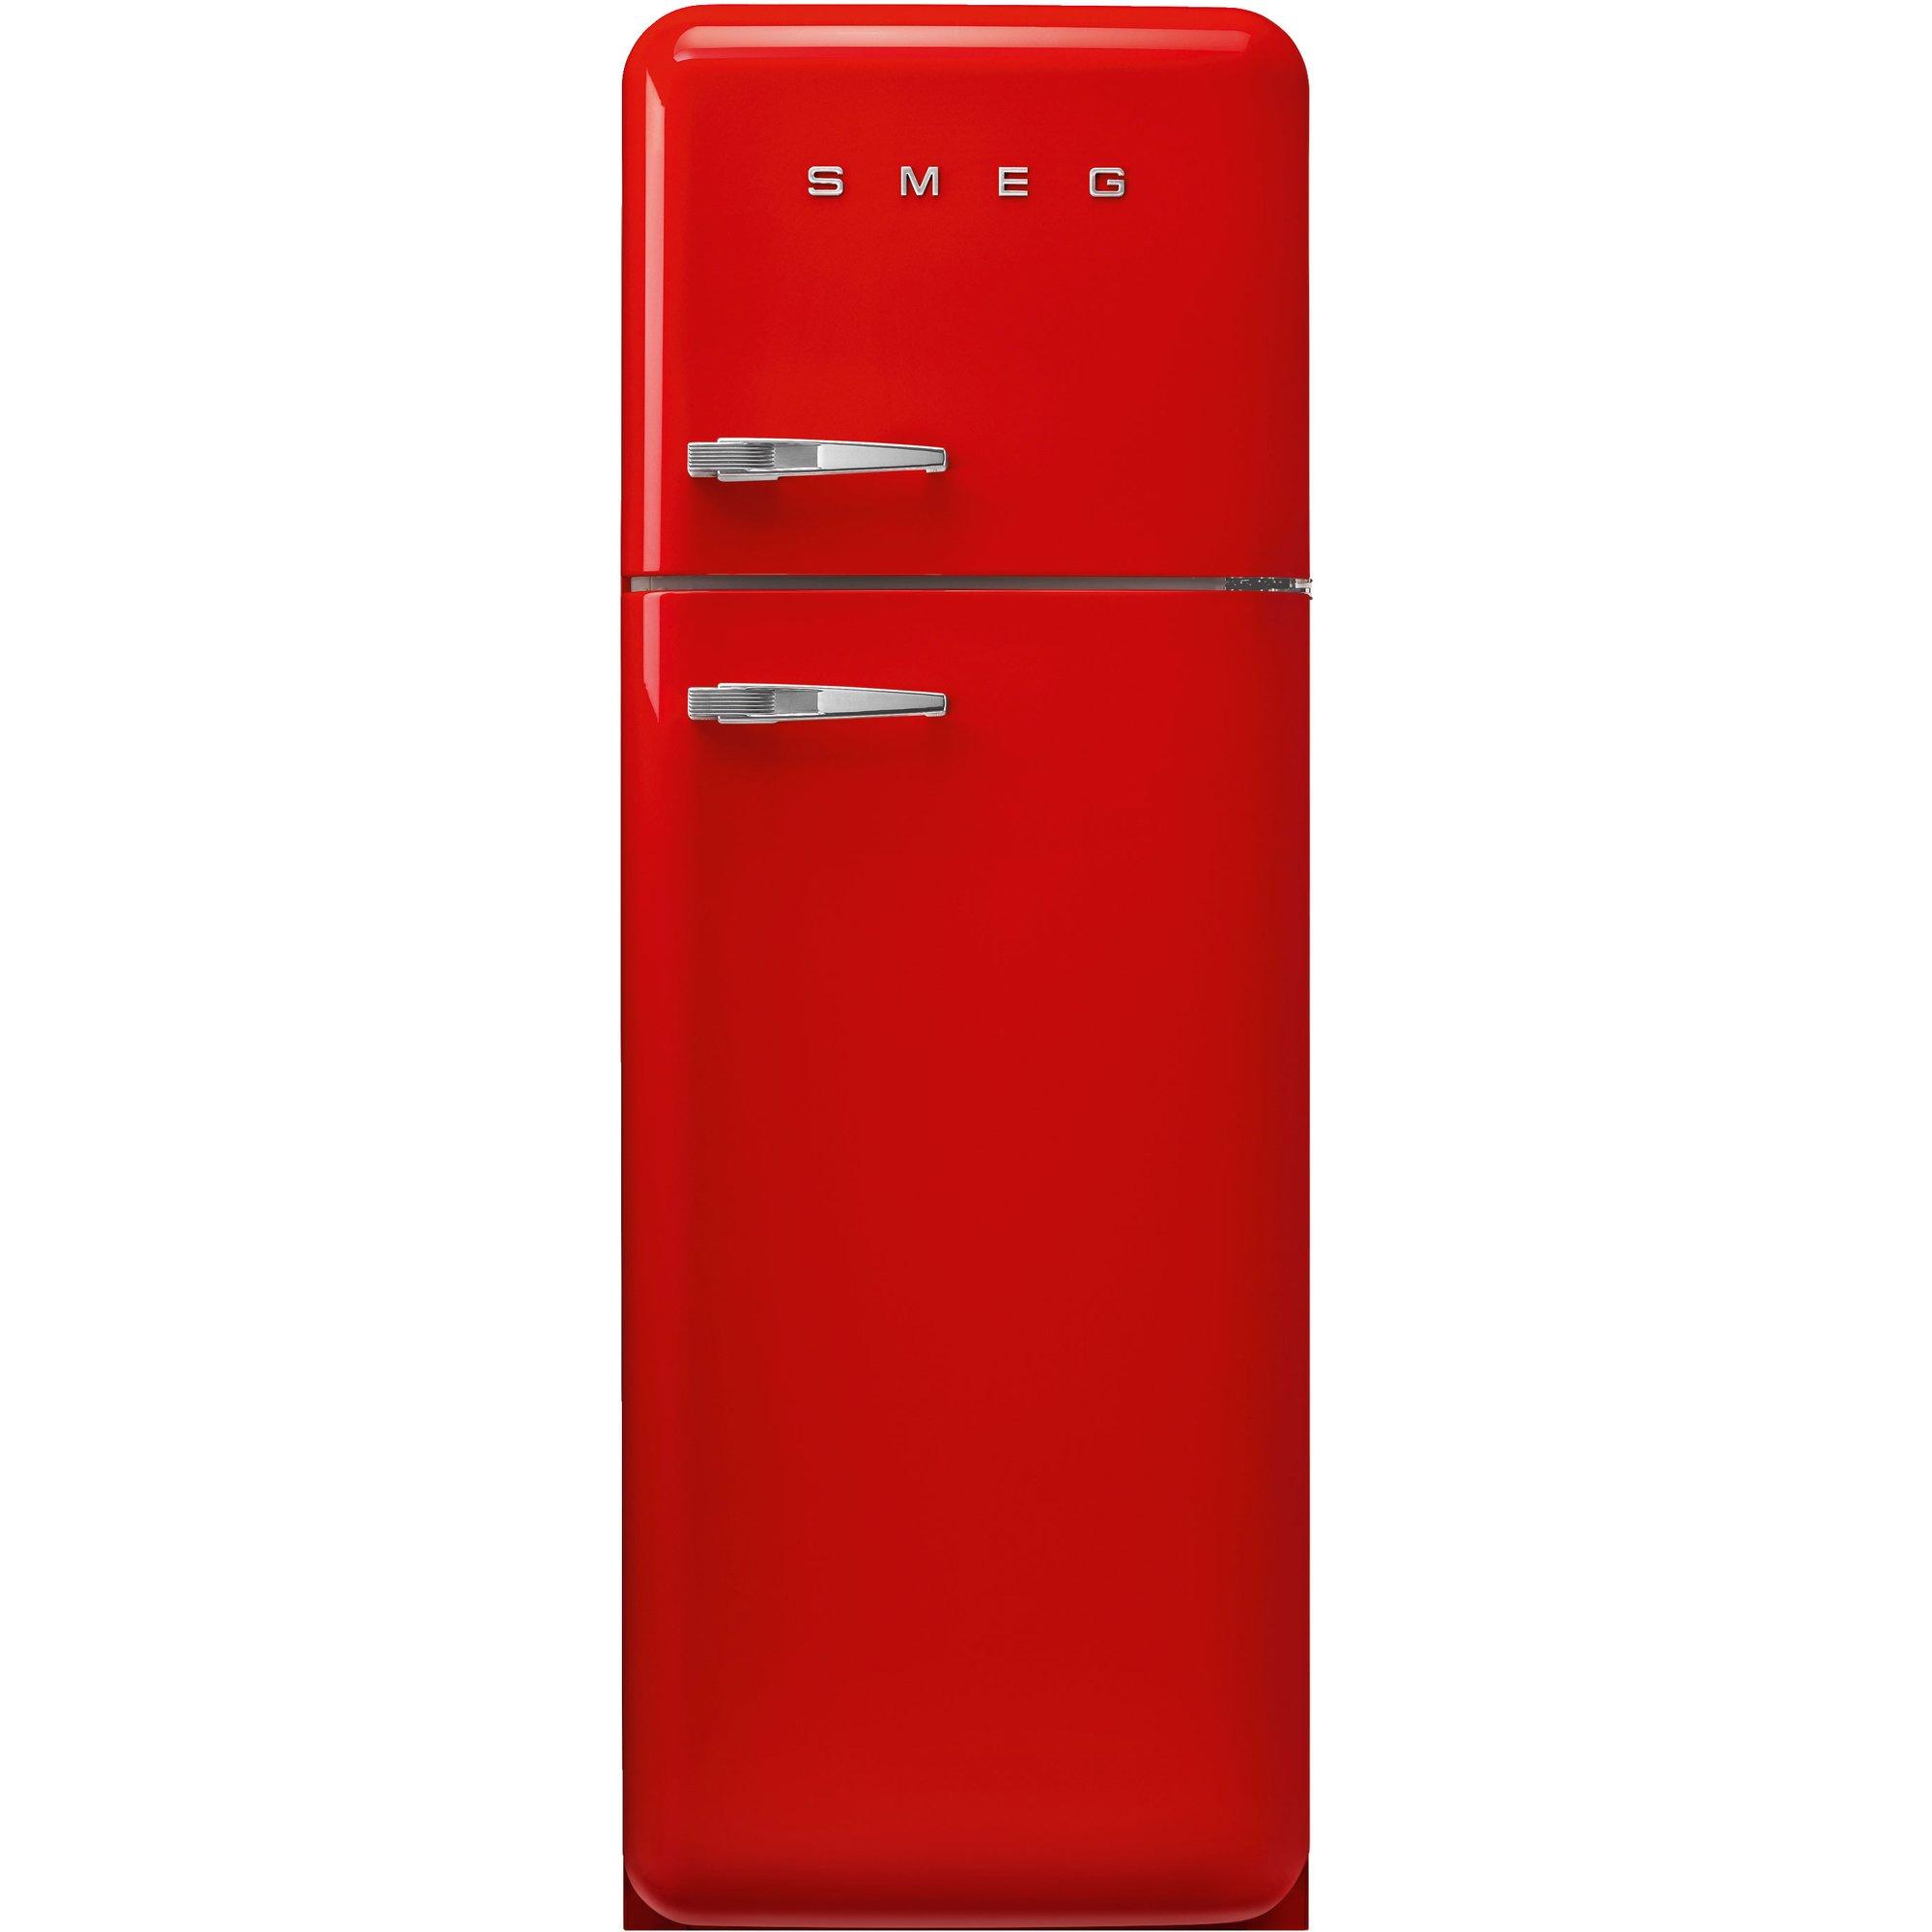 Smeg FAB30RRD5 Køle-/fryseskab rød